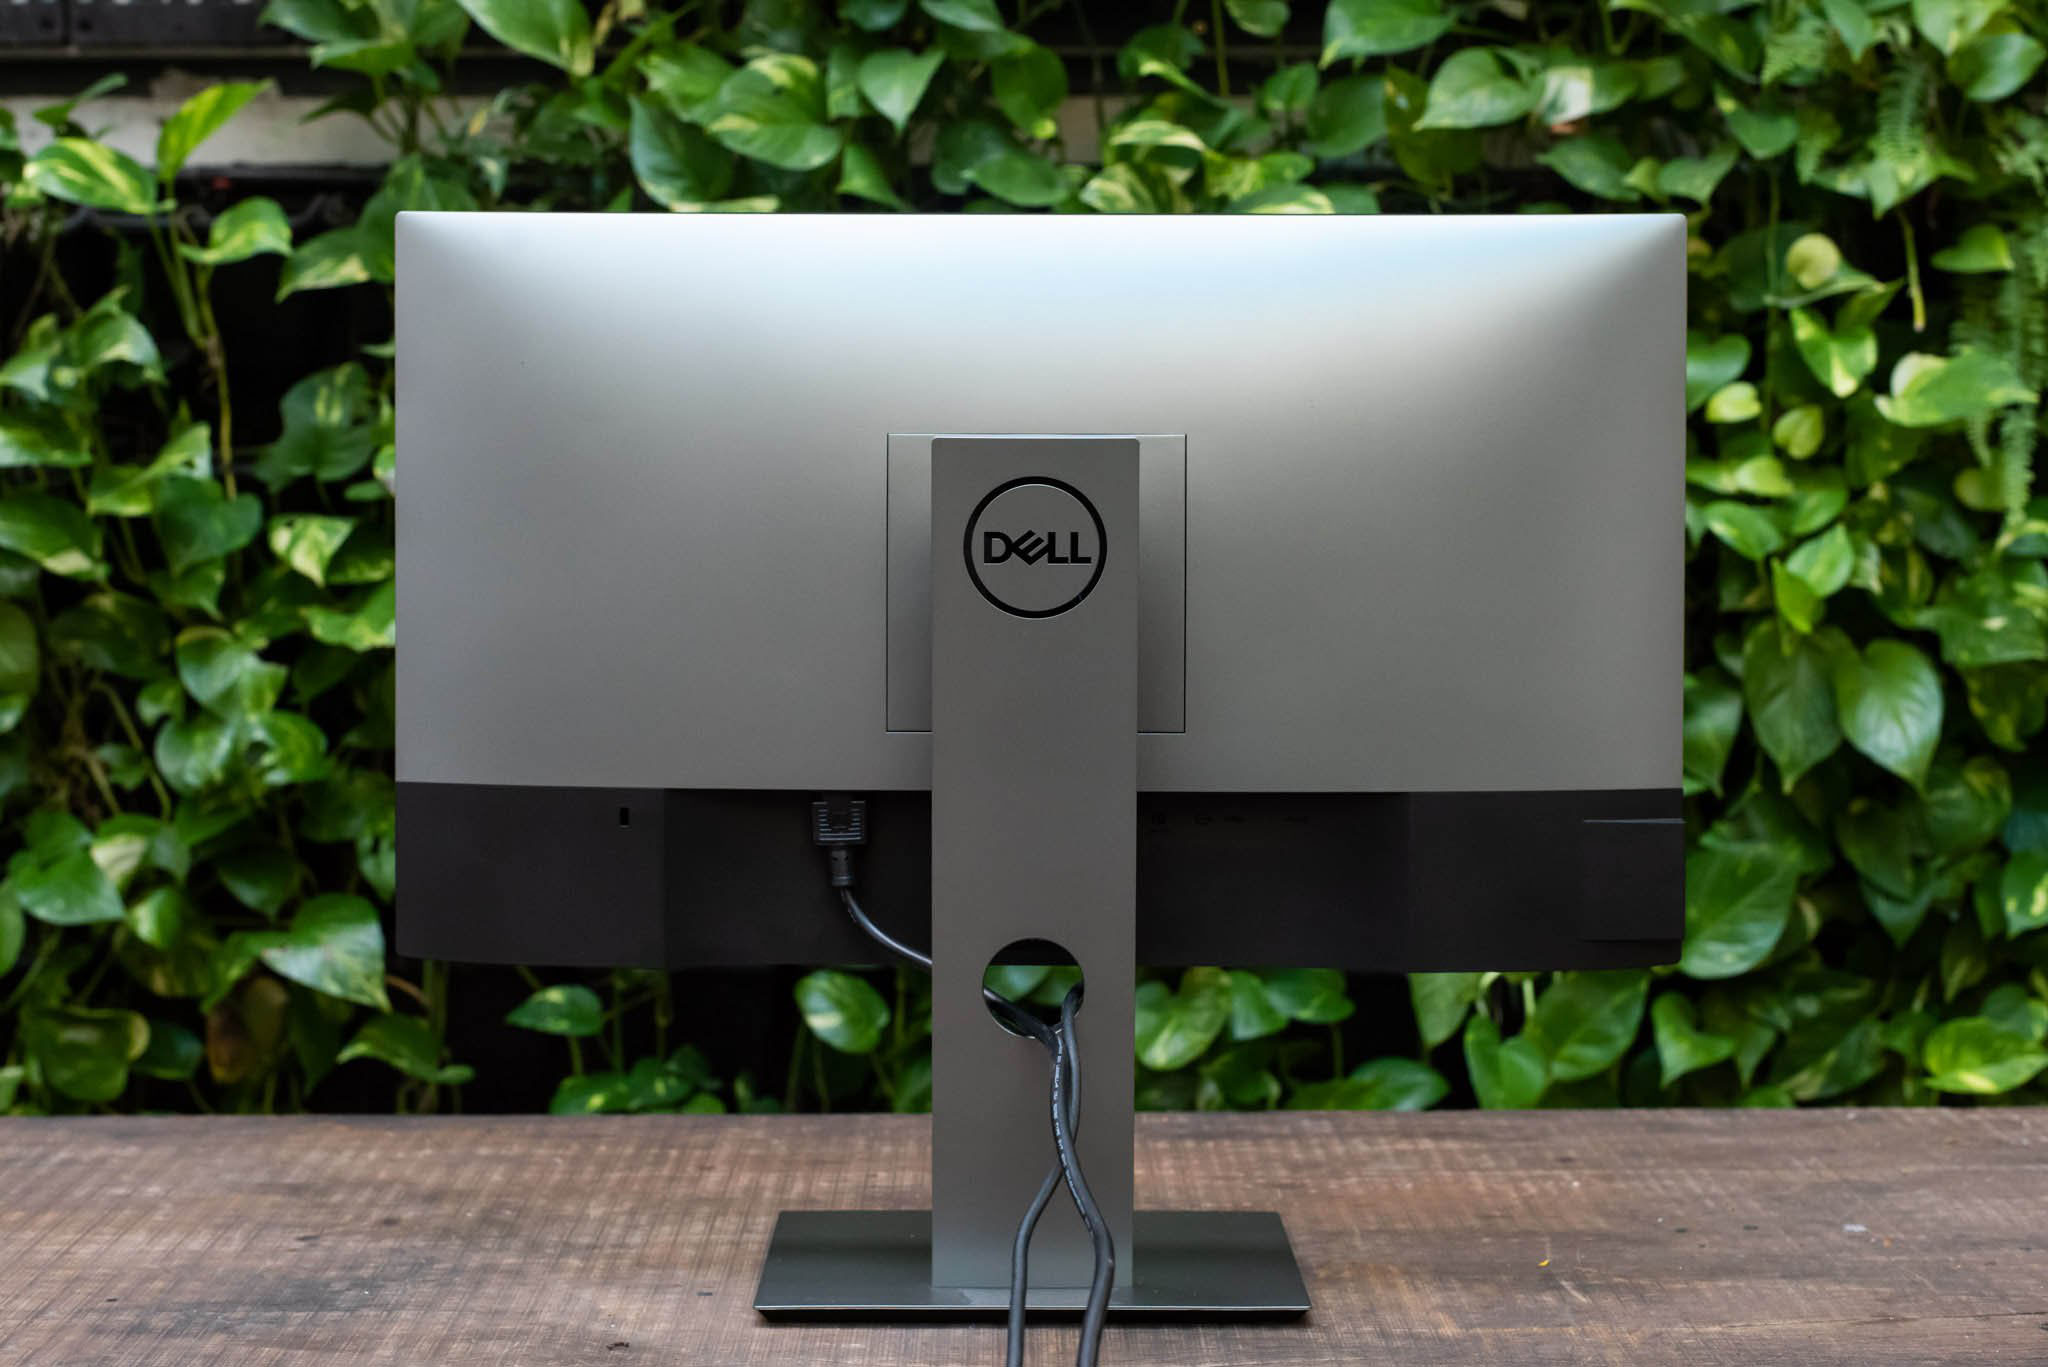 Màn hình Dell Ultrasharp U2419H Cũ